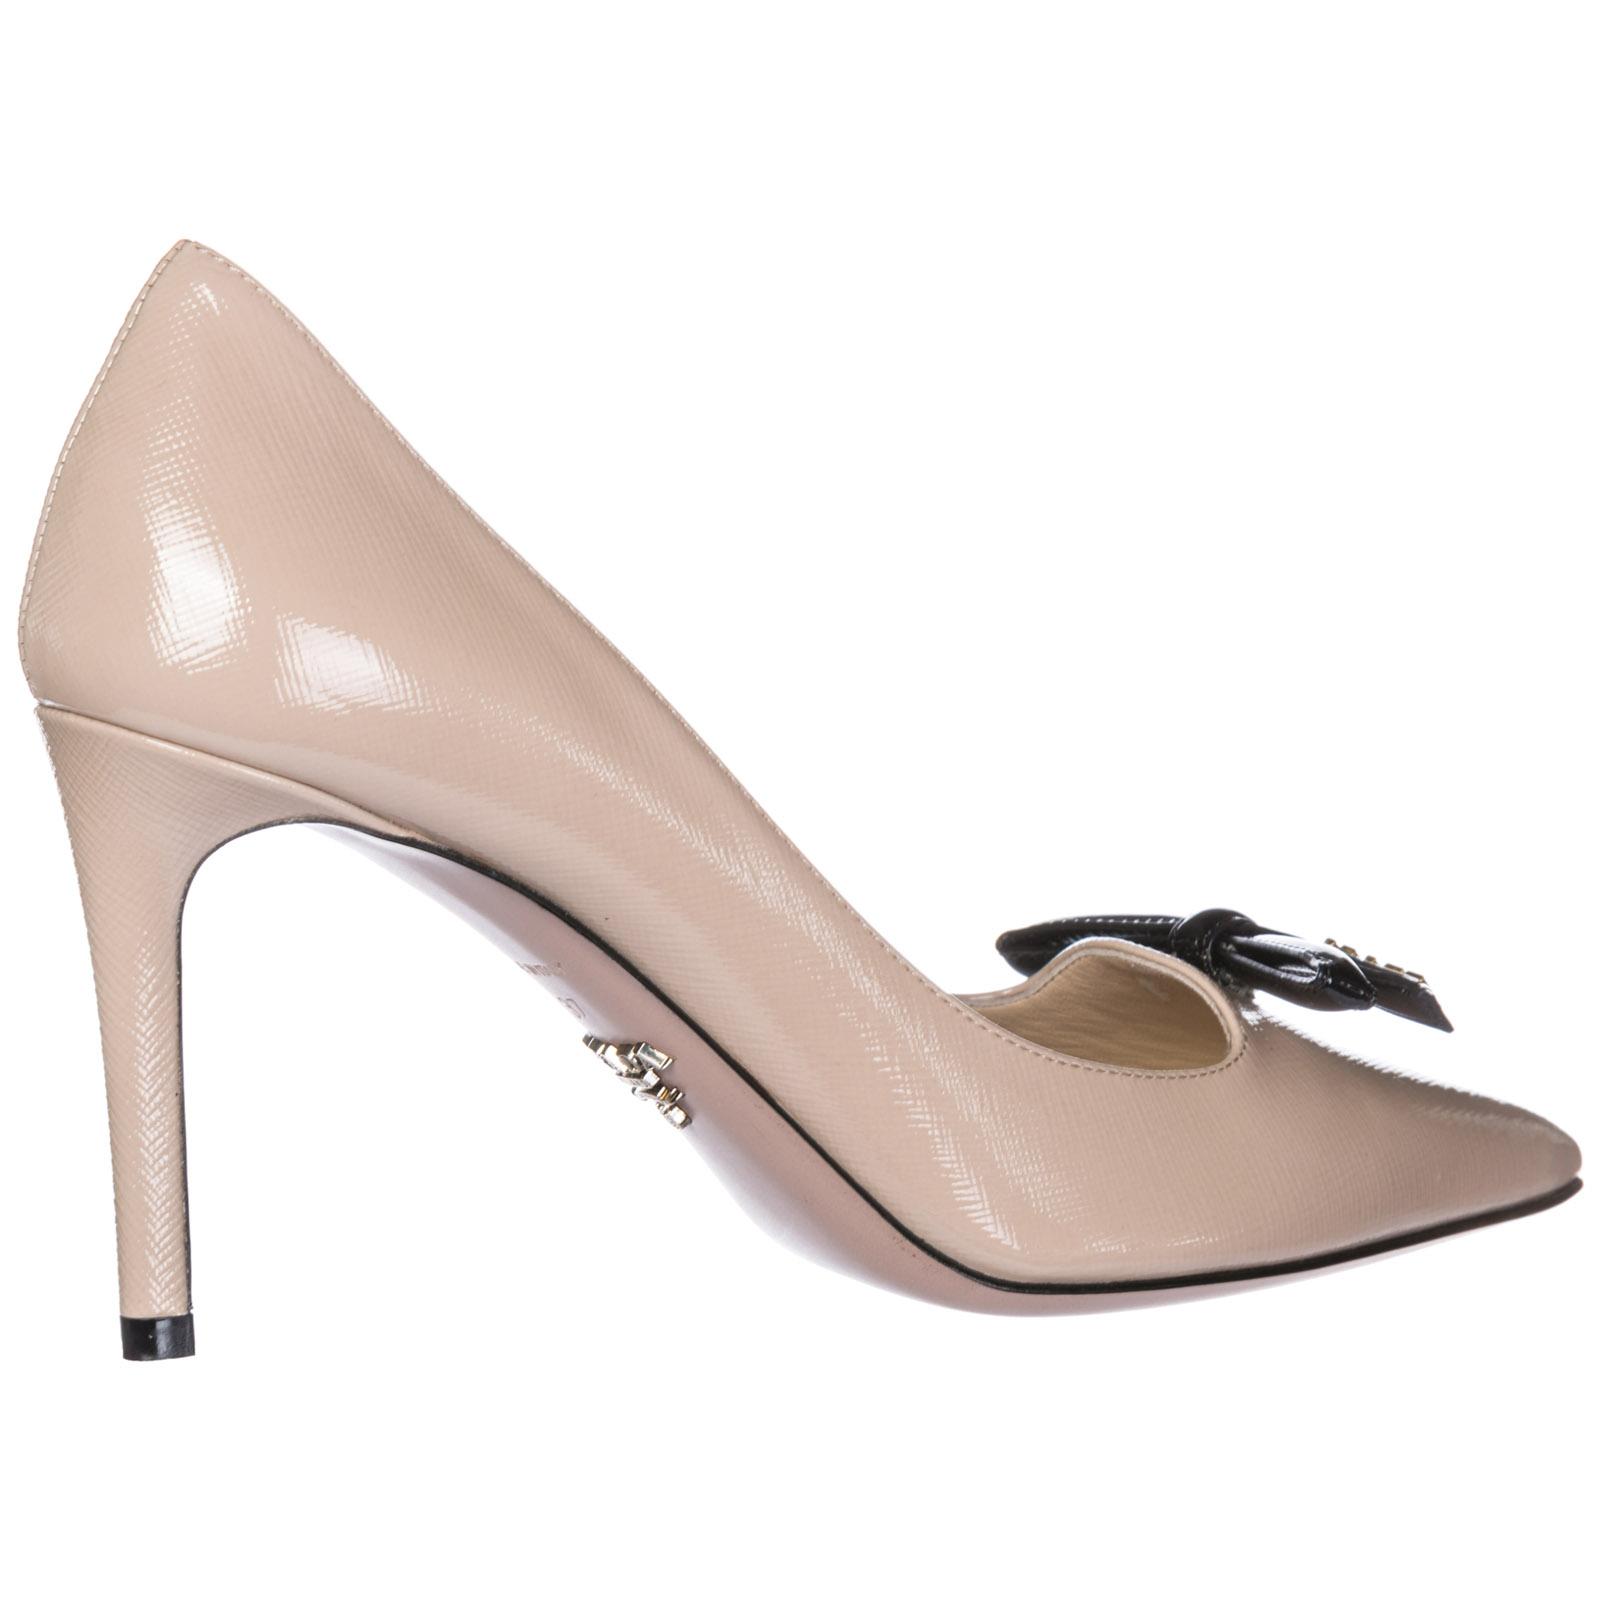 ... Decolletes decoltè scarpe donna con tacco pelle ... 3f877167490